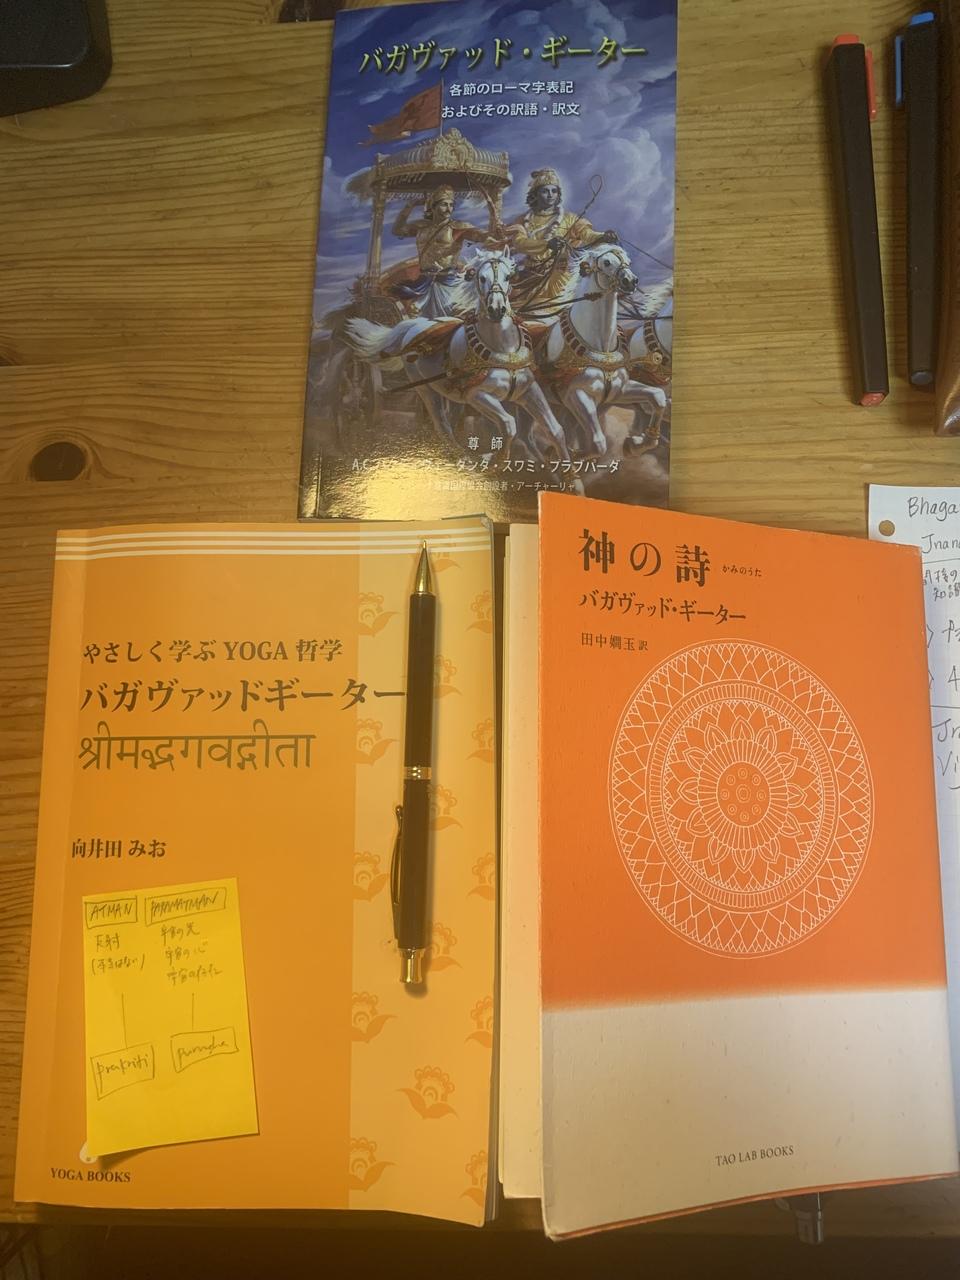 ヨガ哲学クラス<バガヴァッド・ギーターをのんびり読む会 など>